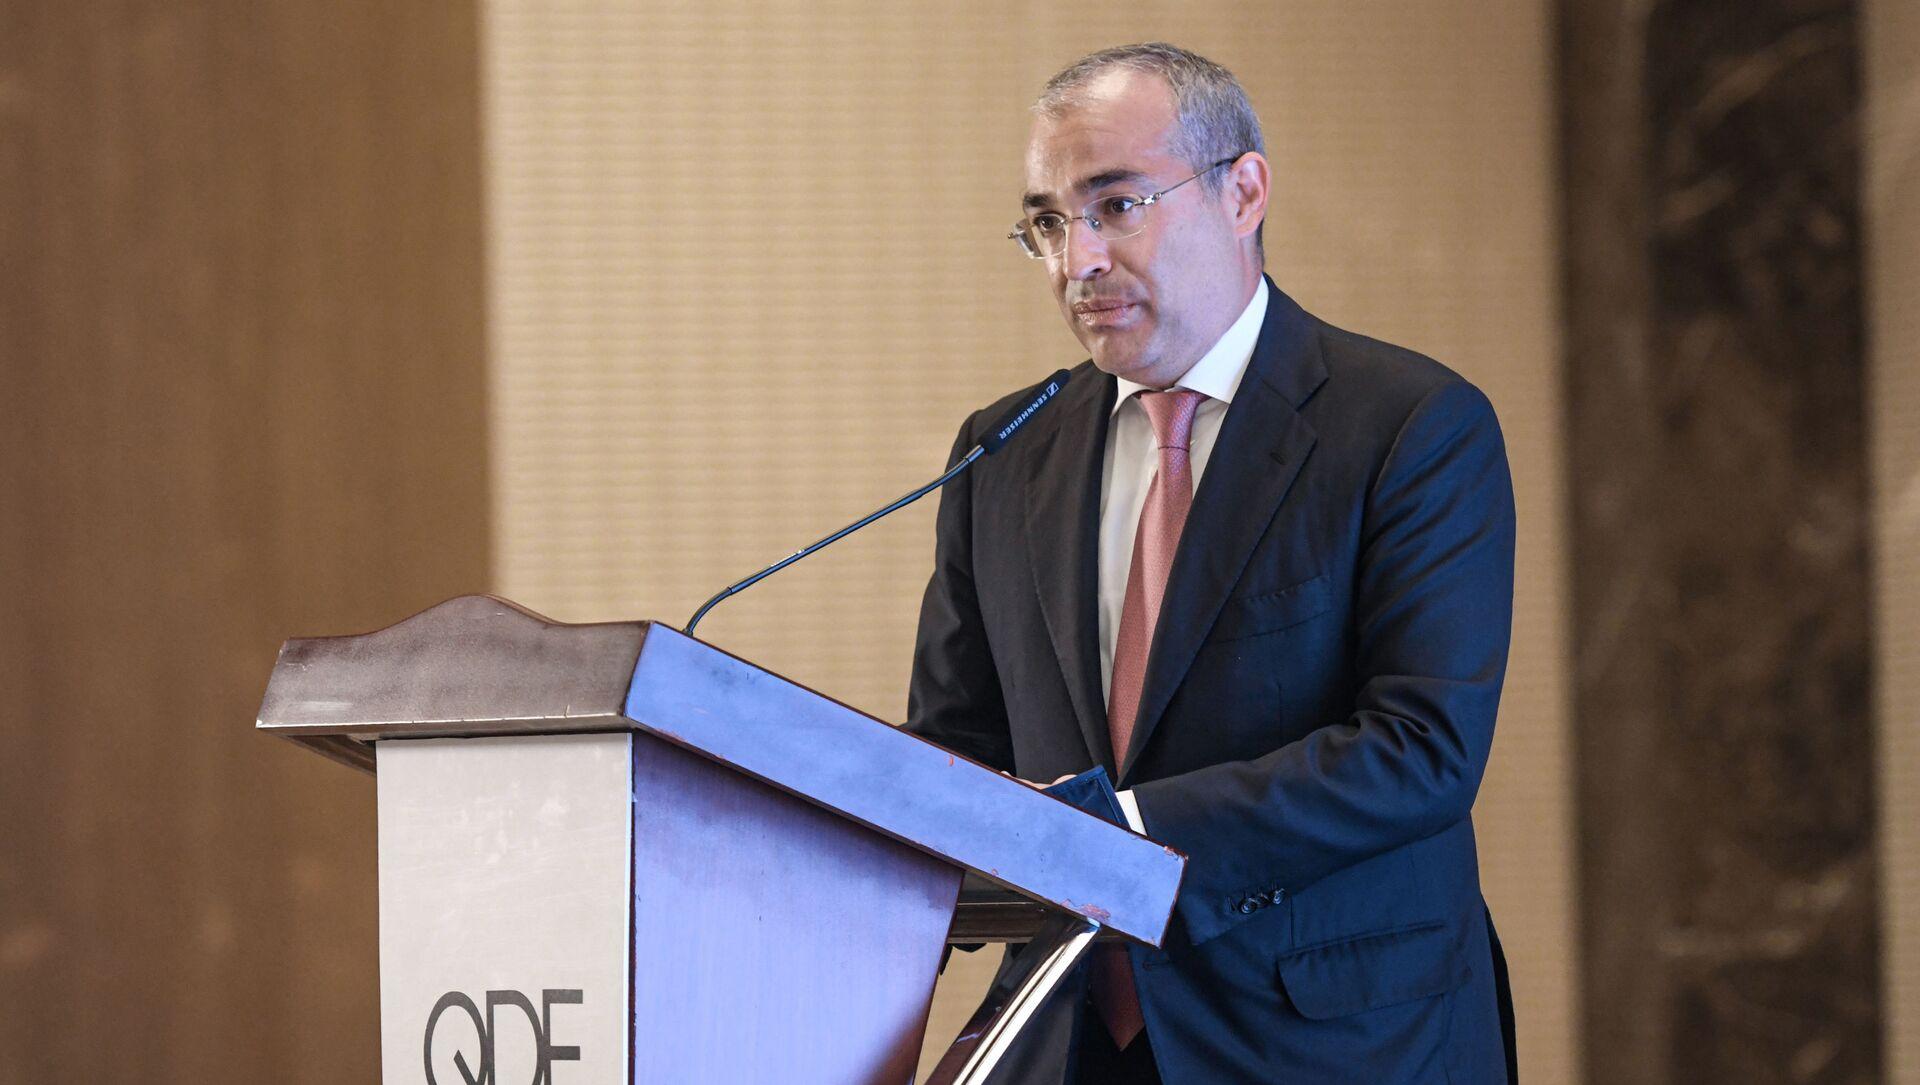 Министр экономики Микаил Джаббаров, 30 июня 2021 года - Sputnik Азербайджан, 1920, 16.07.2021